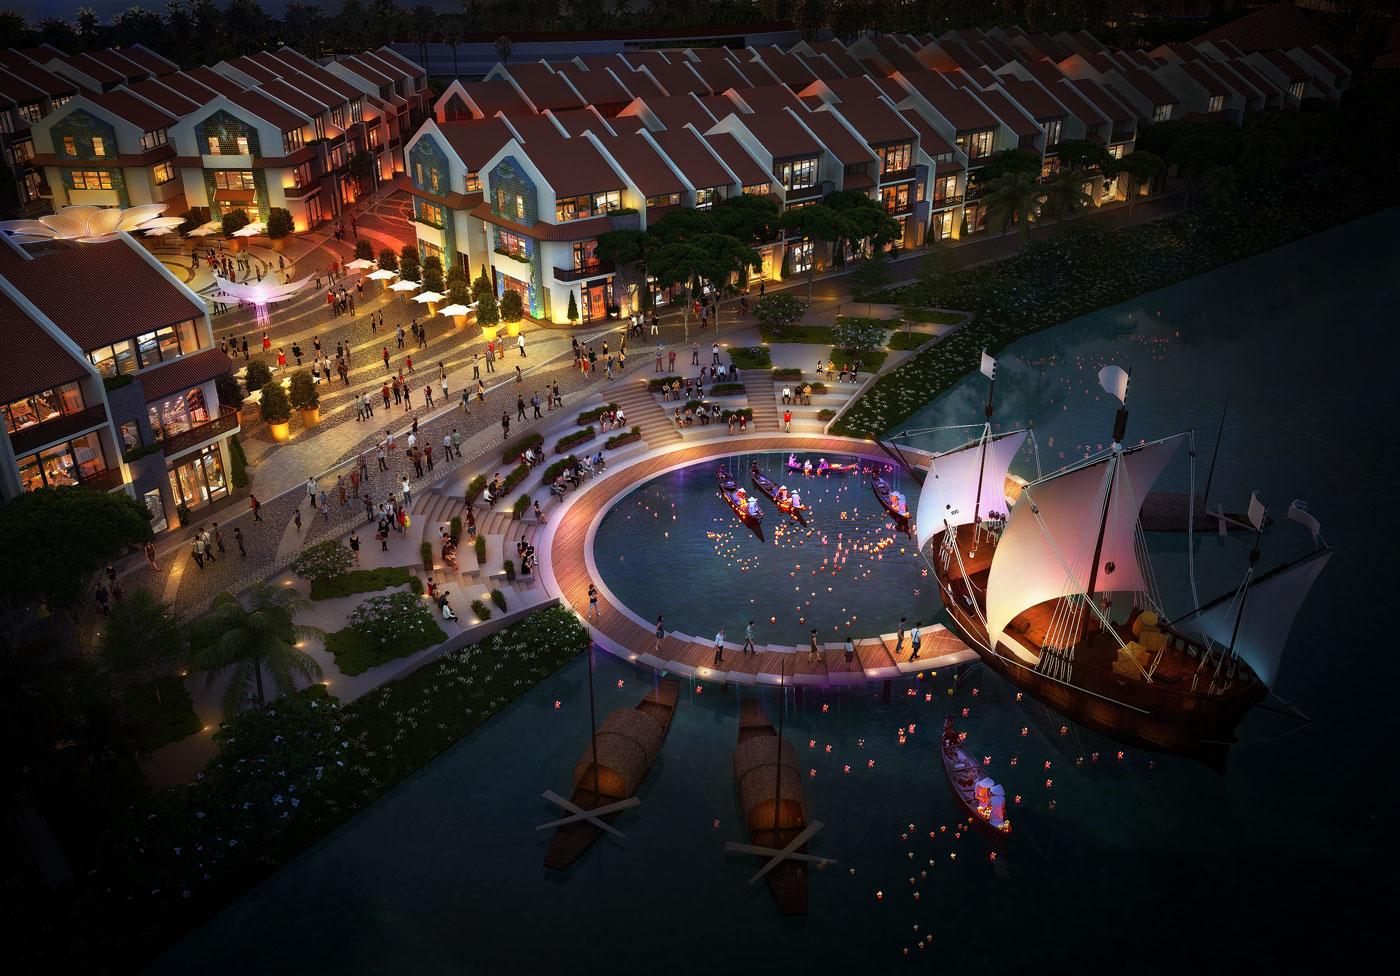 Phối cảnh khu thương cảng thực cảnh Hoian d'Or Marina tái hiện dáng vẻ phố cổ xưa